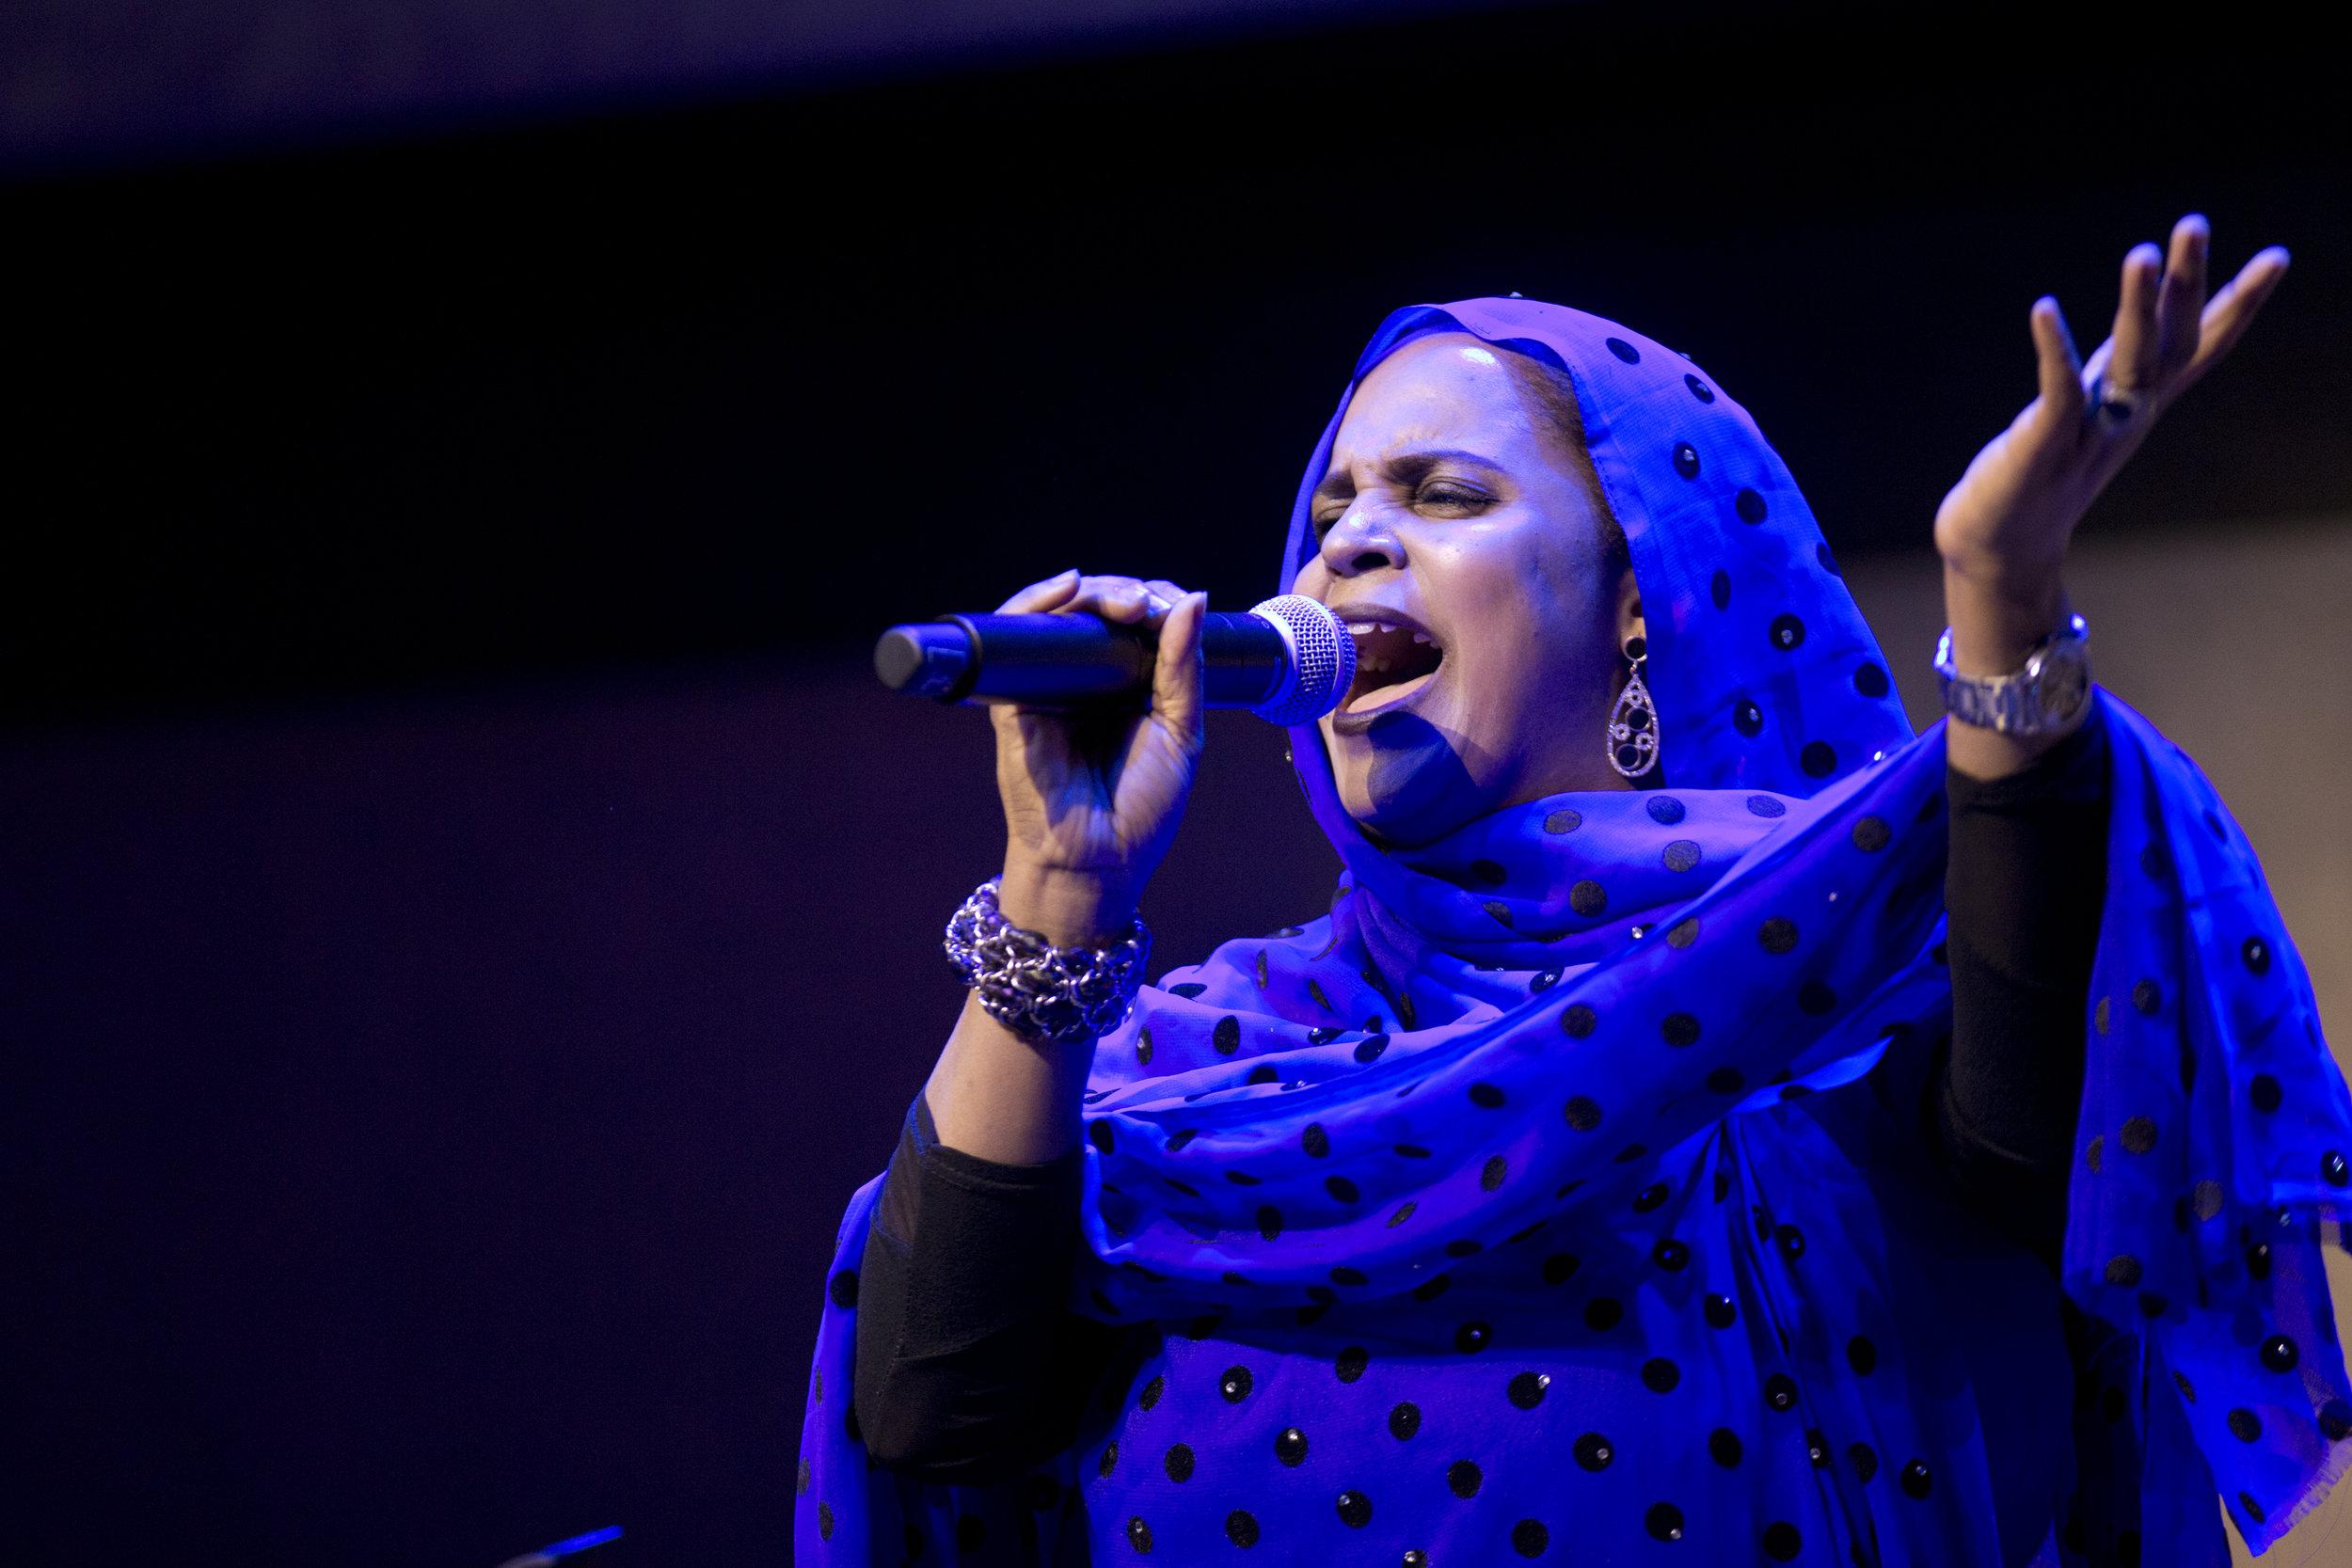 NouraMintSeymali060718wf5.jpg